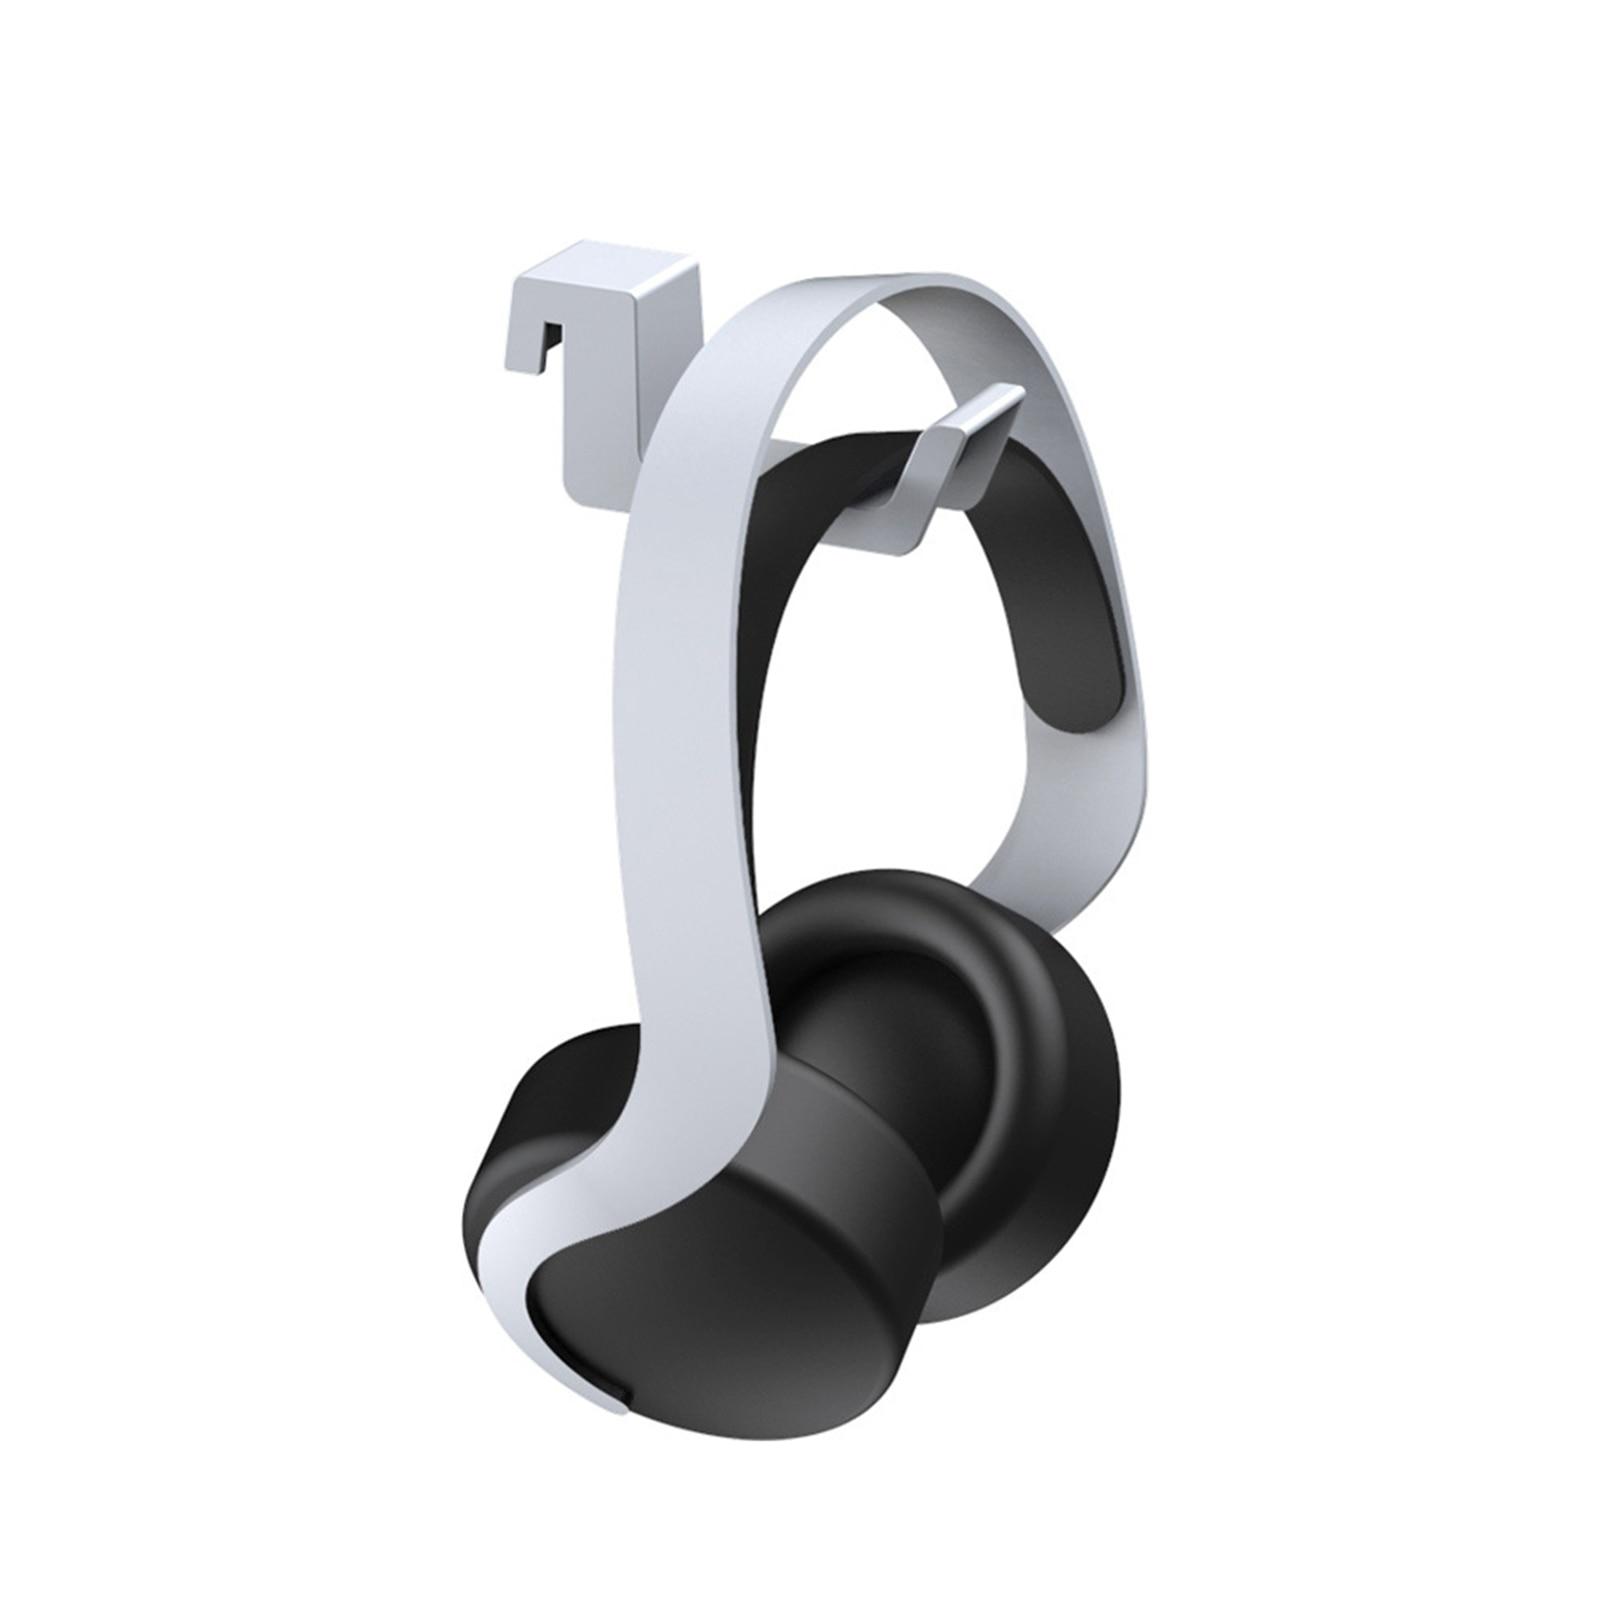 Soporte de Almacenamiento de auriculares para mando de PS5, accesorios para Sony...